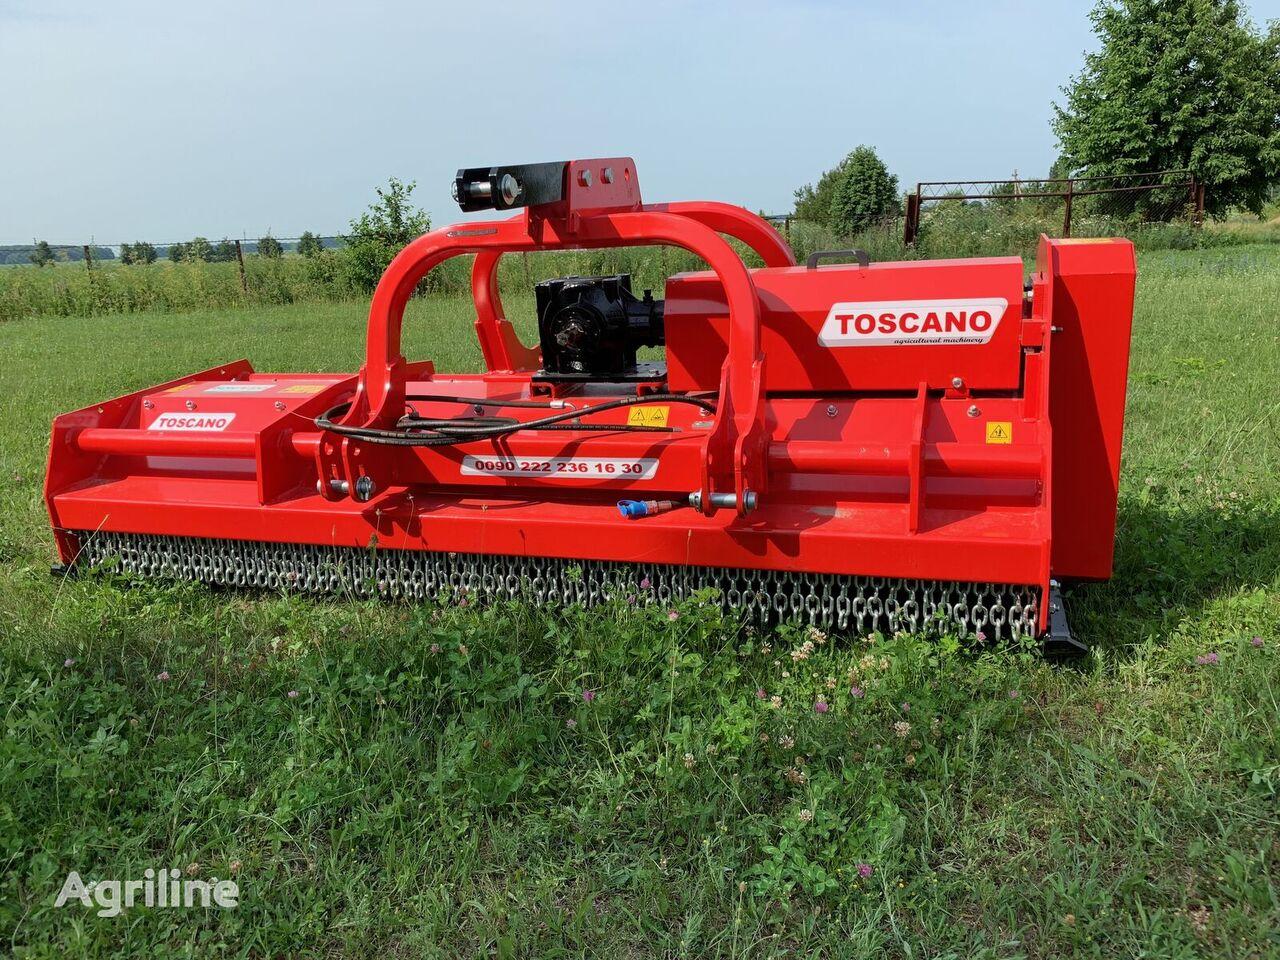 TOSCANO DPKC-03 2400 trituradora desbrozadora nueva